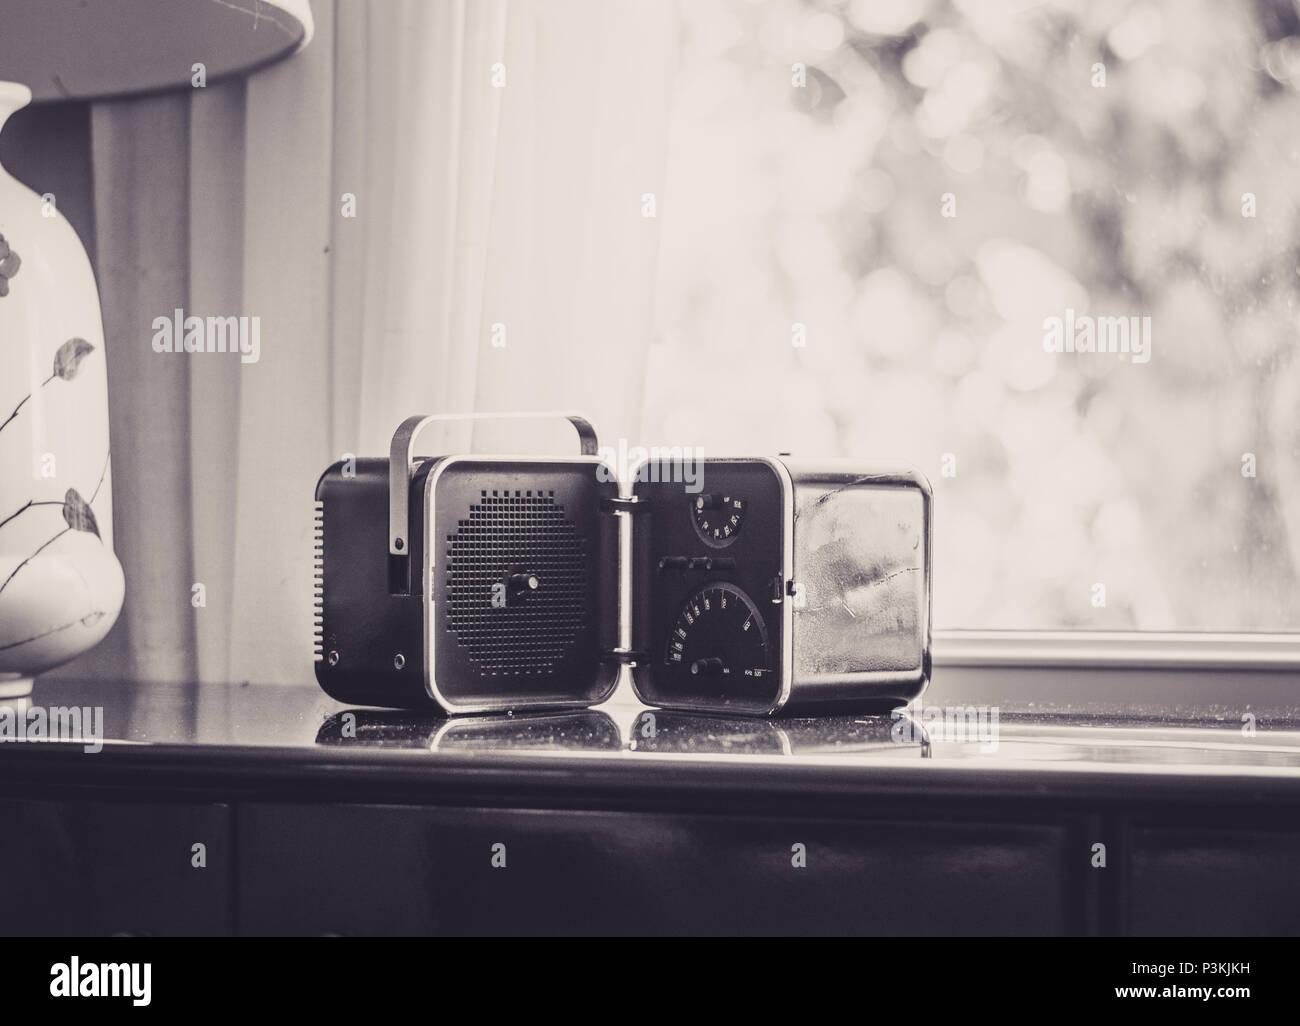 Vintage Radio Im Wohnzimmer In Schwarz Und Weiss Stockfoto